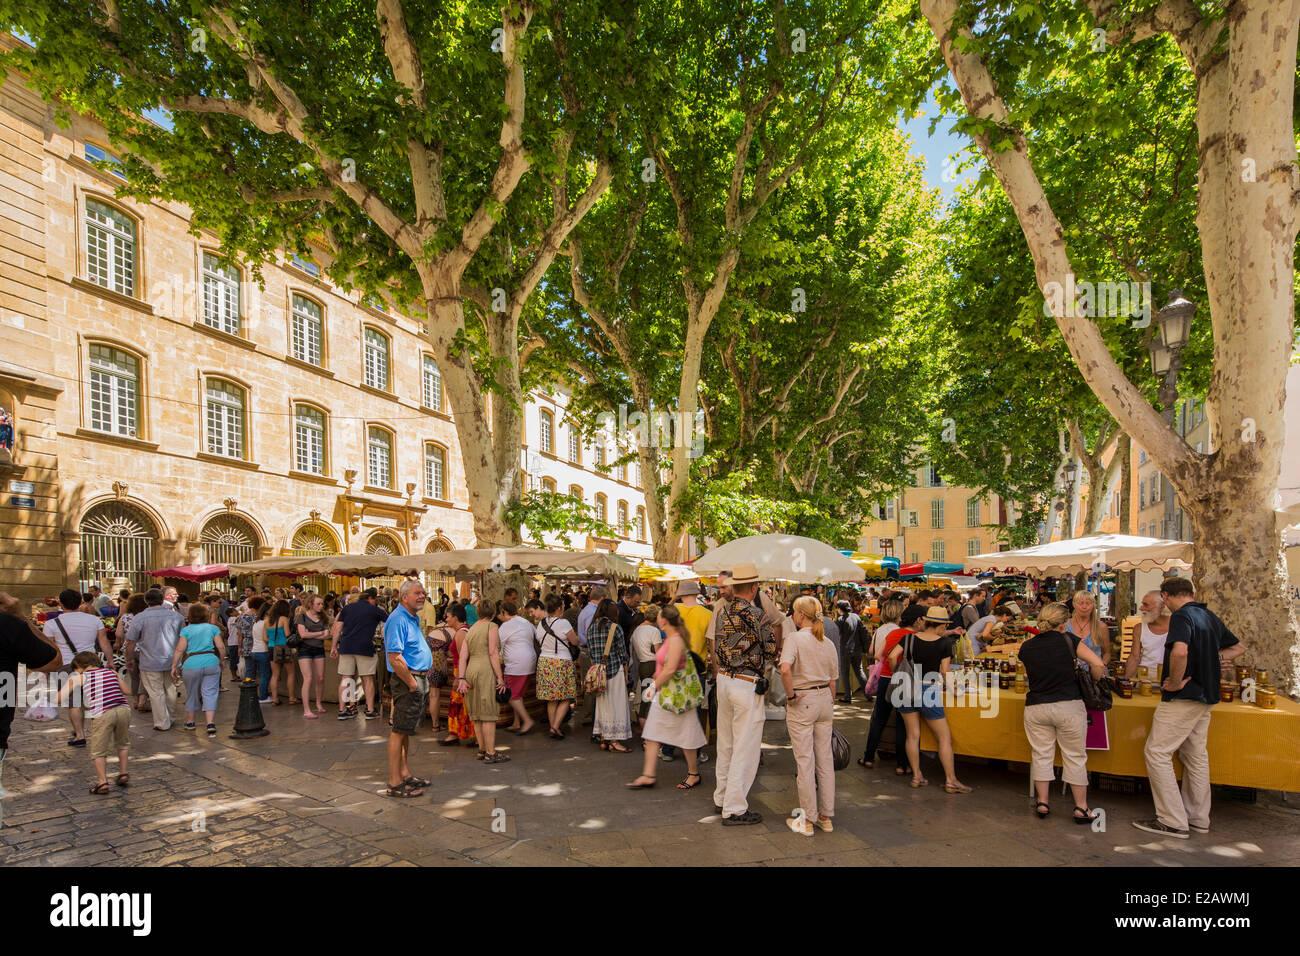 France, Bouches du Rhone, Aix en Provence, market Place Richelme Photo Stock